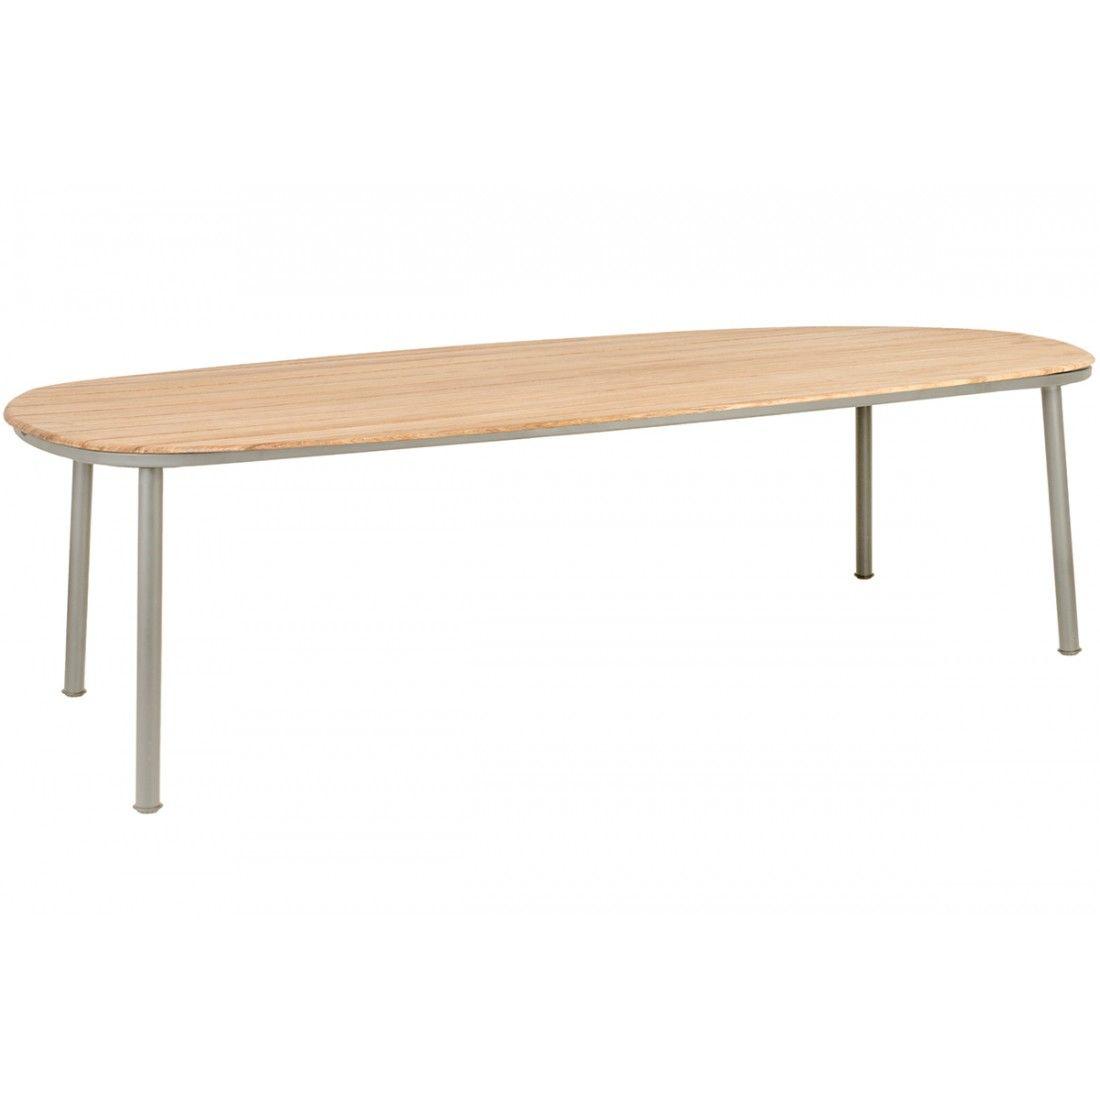 Grande table de jardin 270 x 120 cm alu et bois de roble, Cordial